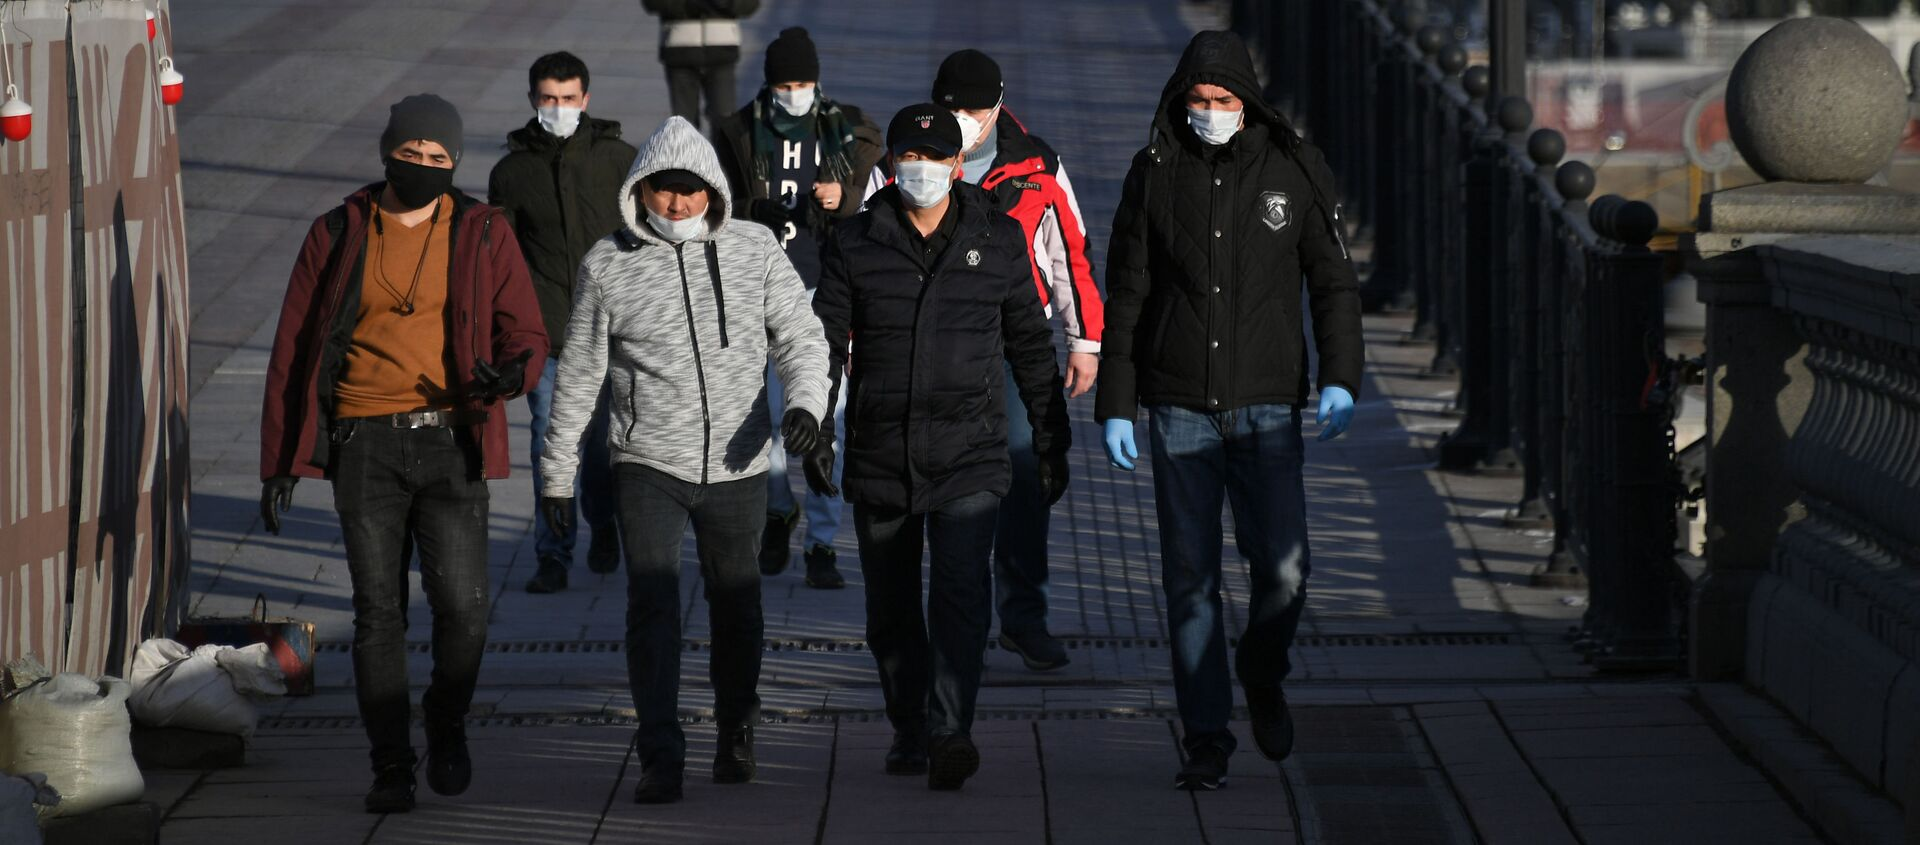 Пешеходы идут по Патриаршему мосту в Москве - Sputnik Таджикистан, 1920, 25.01.2021